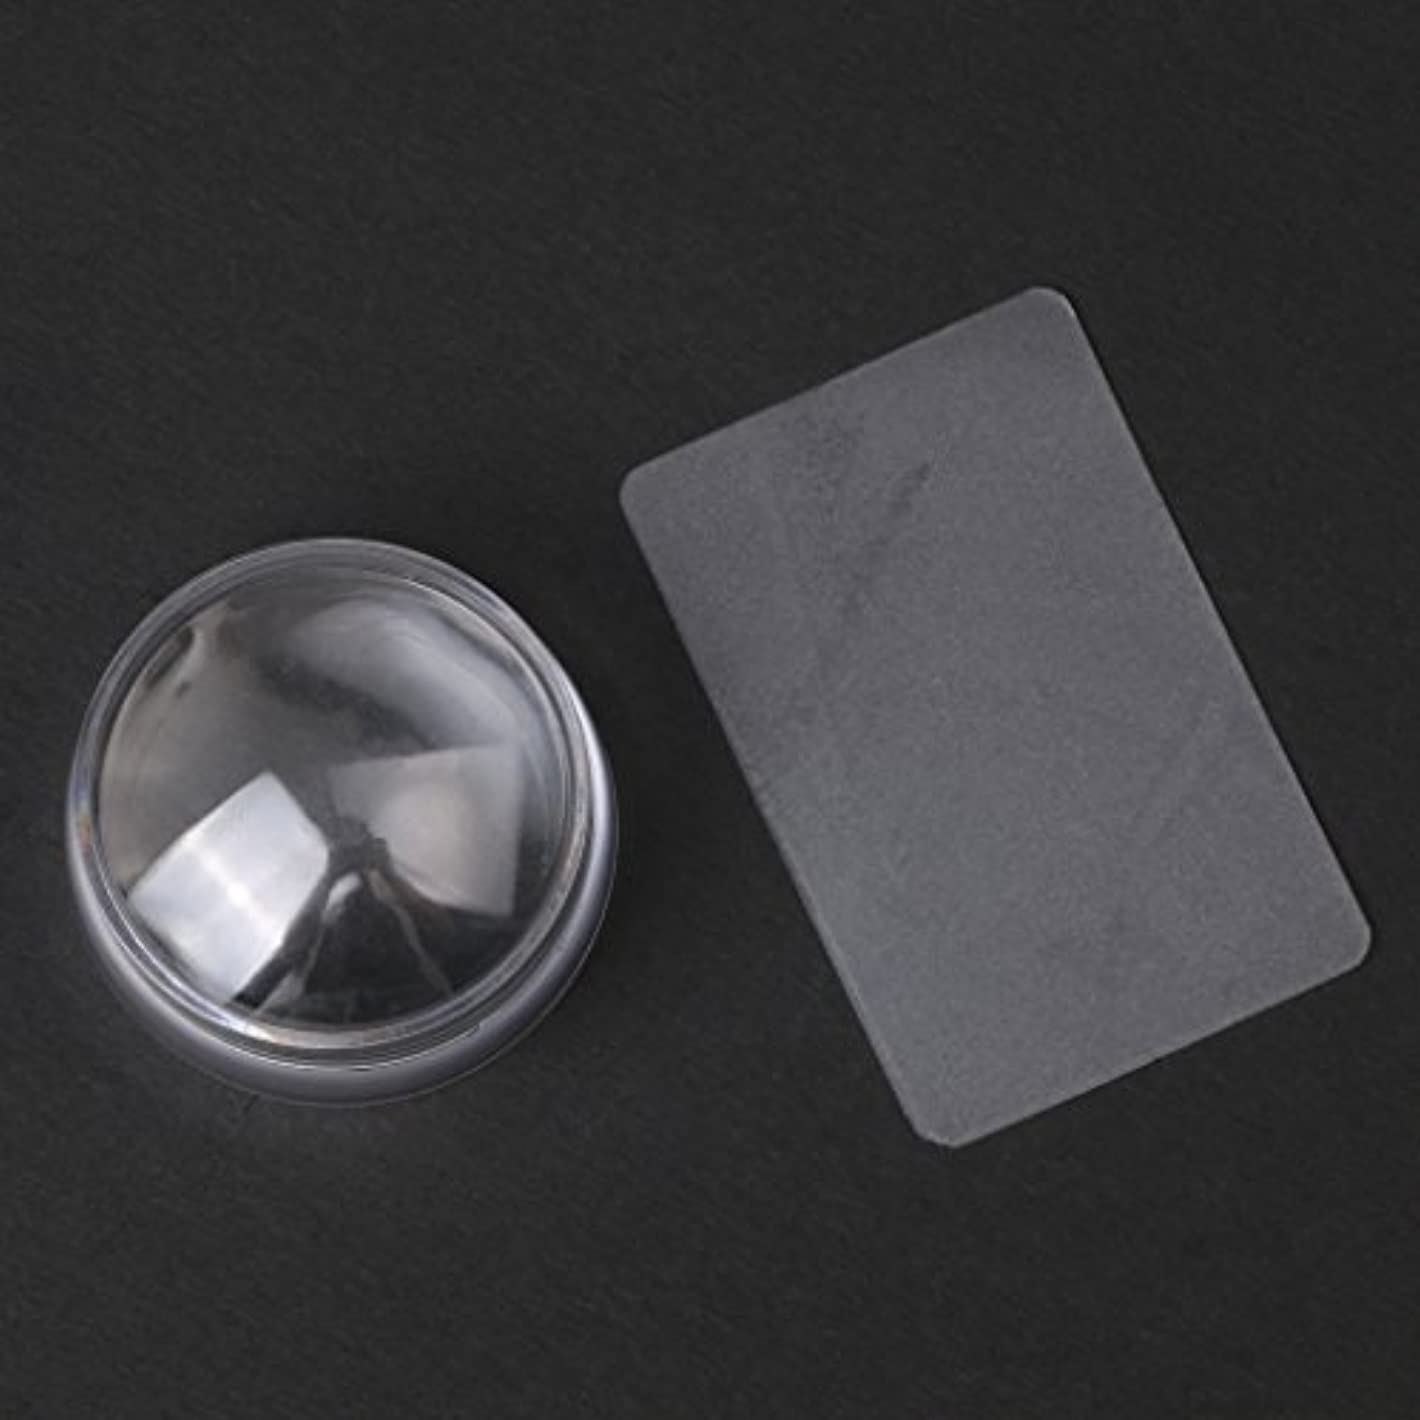 発見する極地特徴CUTICATE 2个ネイルアートスタンプスタンパ掻きスクレーパーツールは透明に設定します